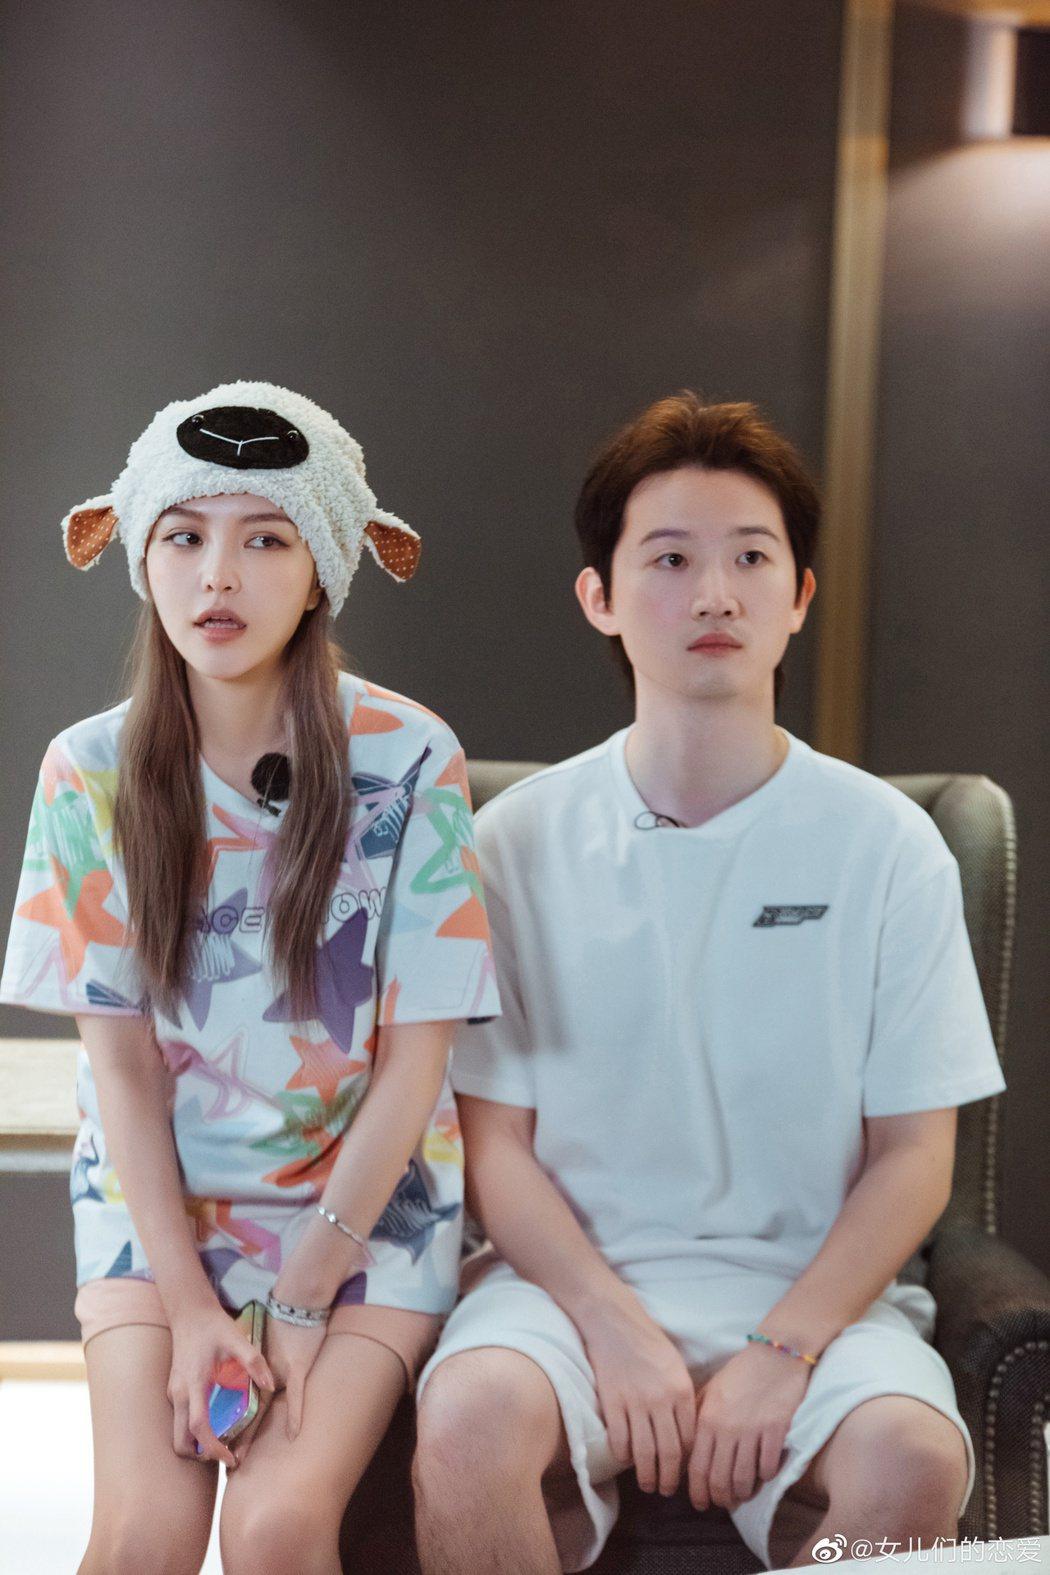 周揚青(左)與羅昊正式宣告分手。圖/摘自微博